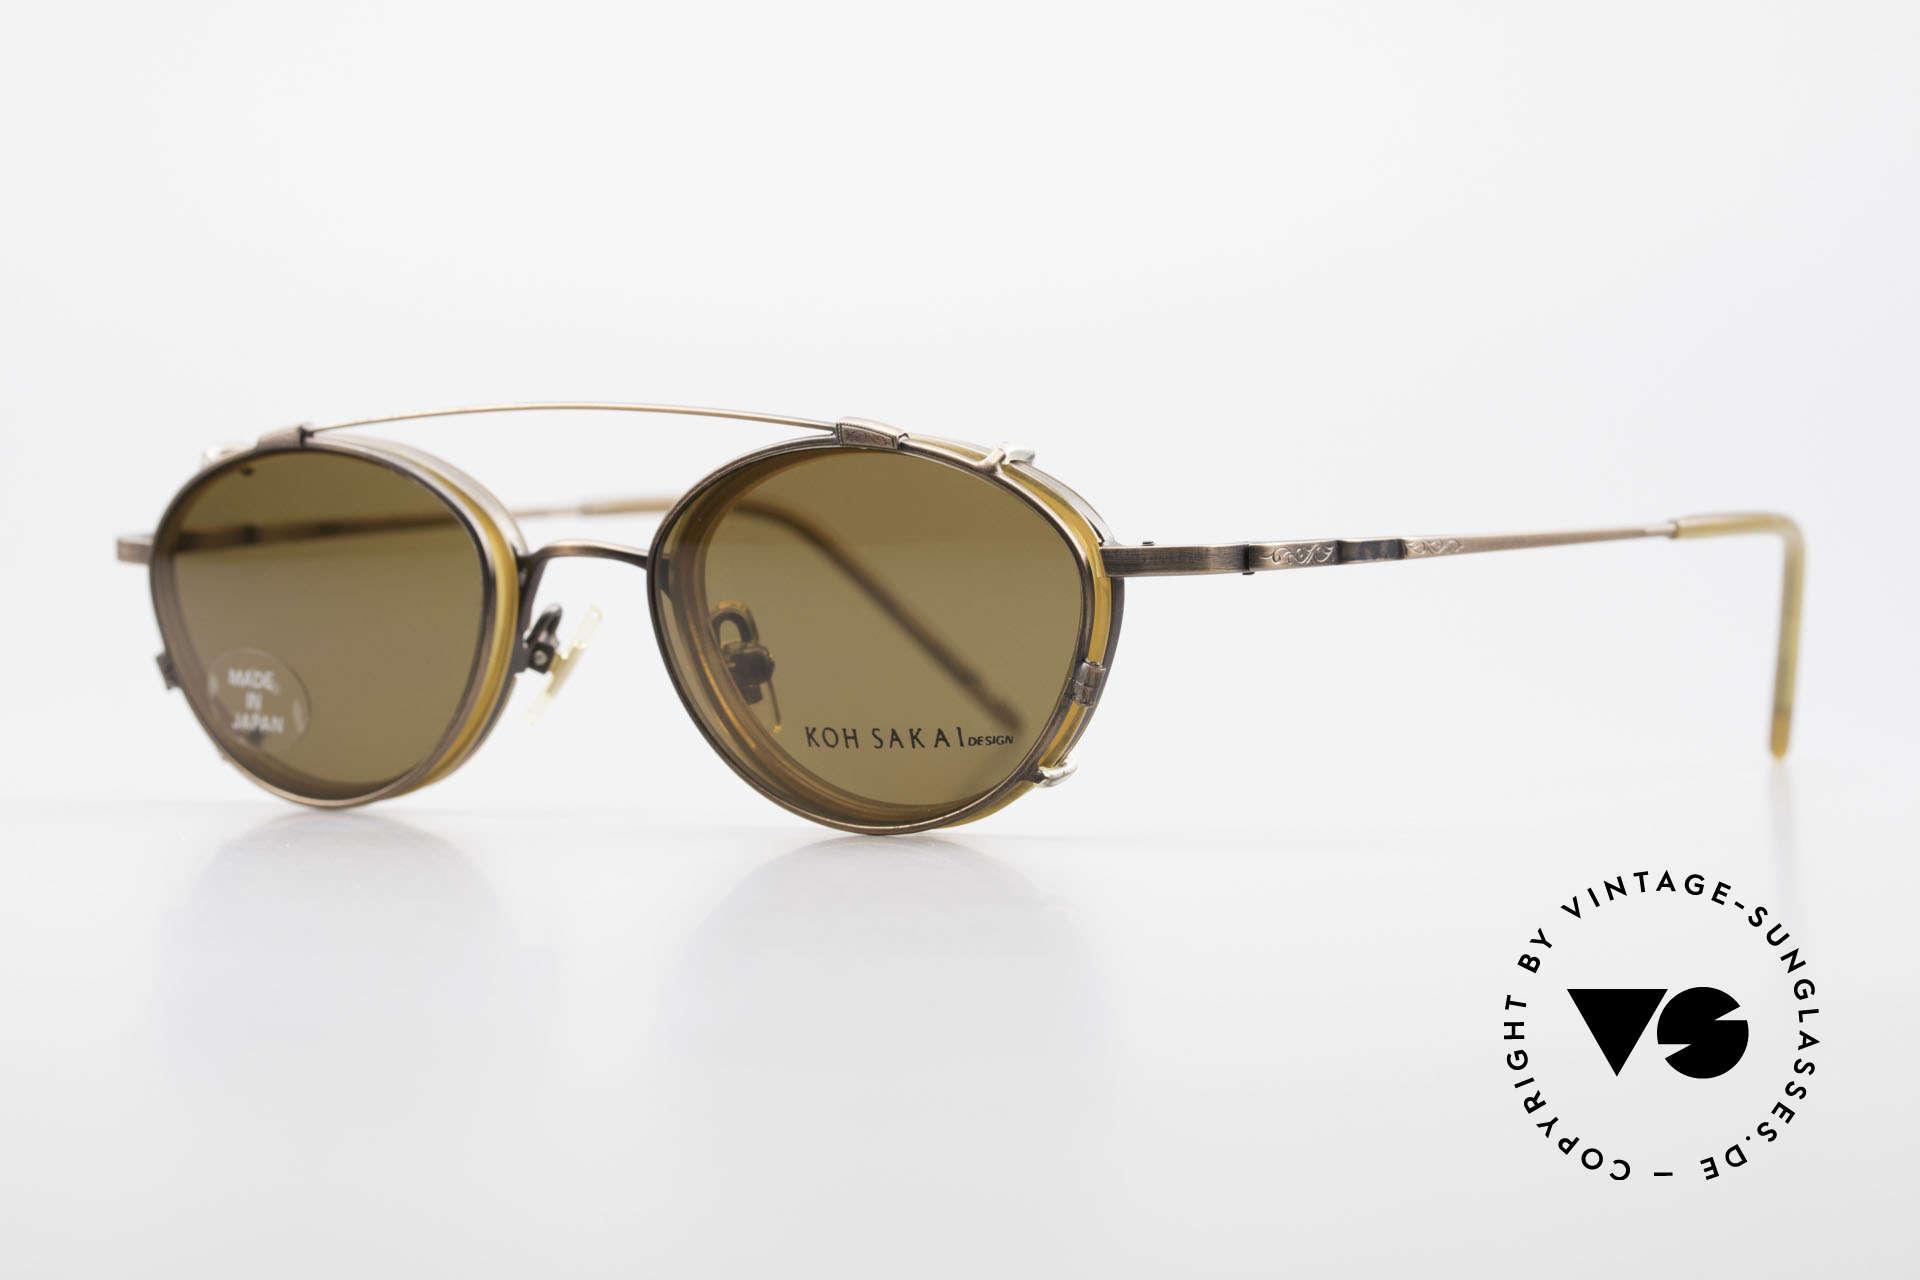 Koh Sakai KS9832 Vintage Brille Mit SonnenClip, 1997 in Los Angeles designed & in Sabae (JP) produziert, Passend für Herren und Damen